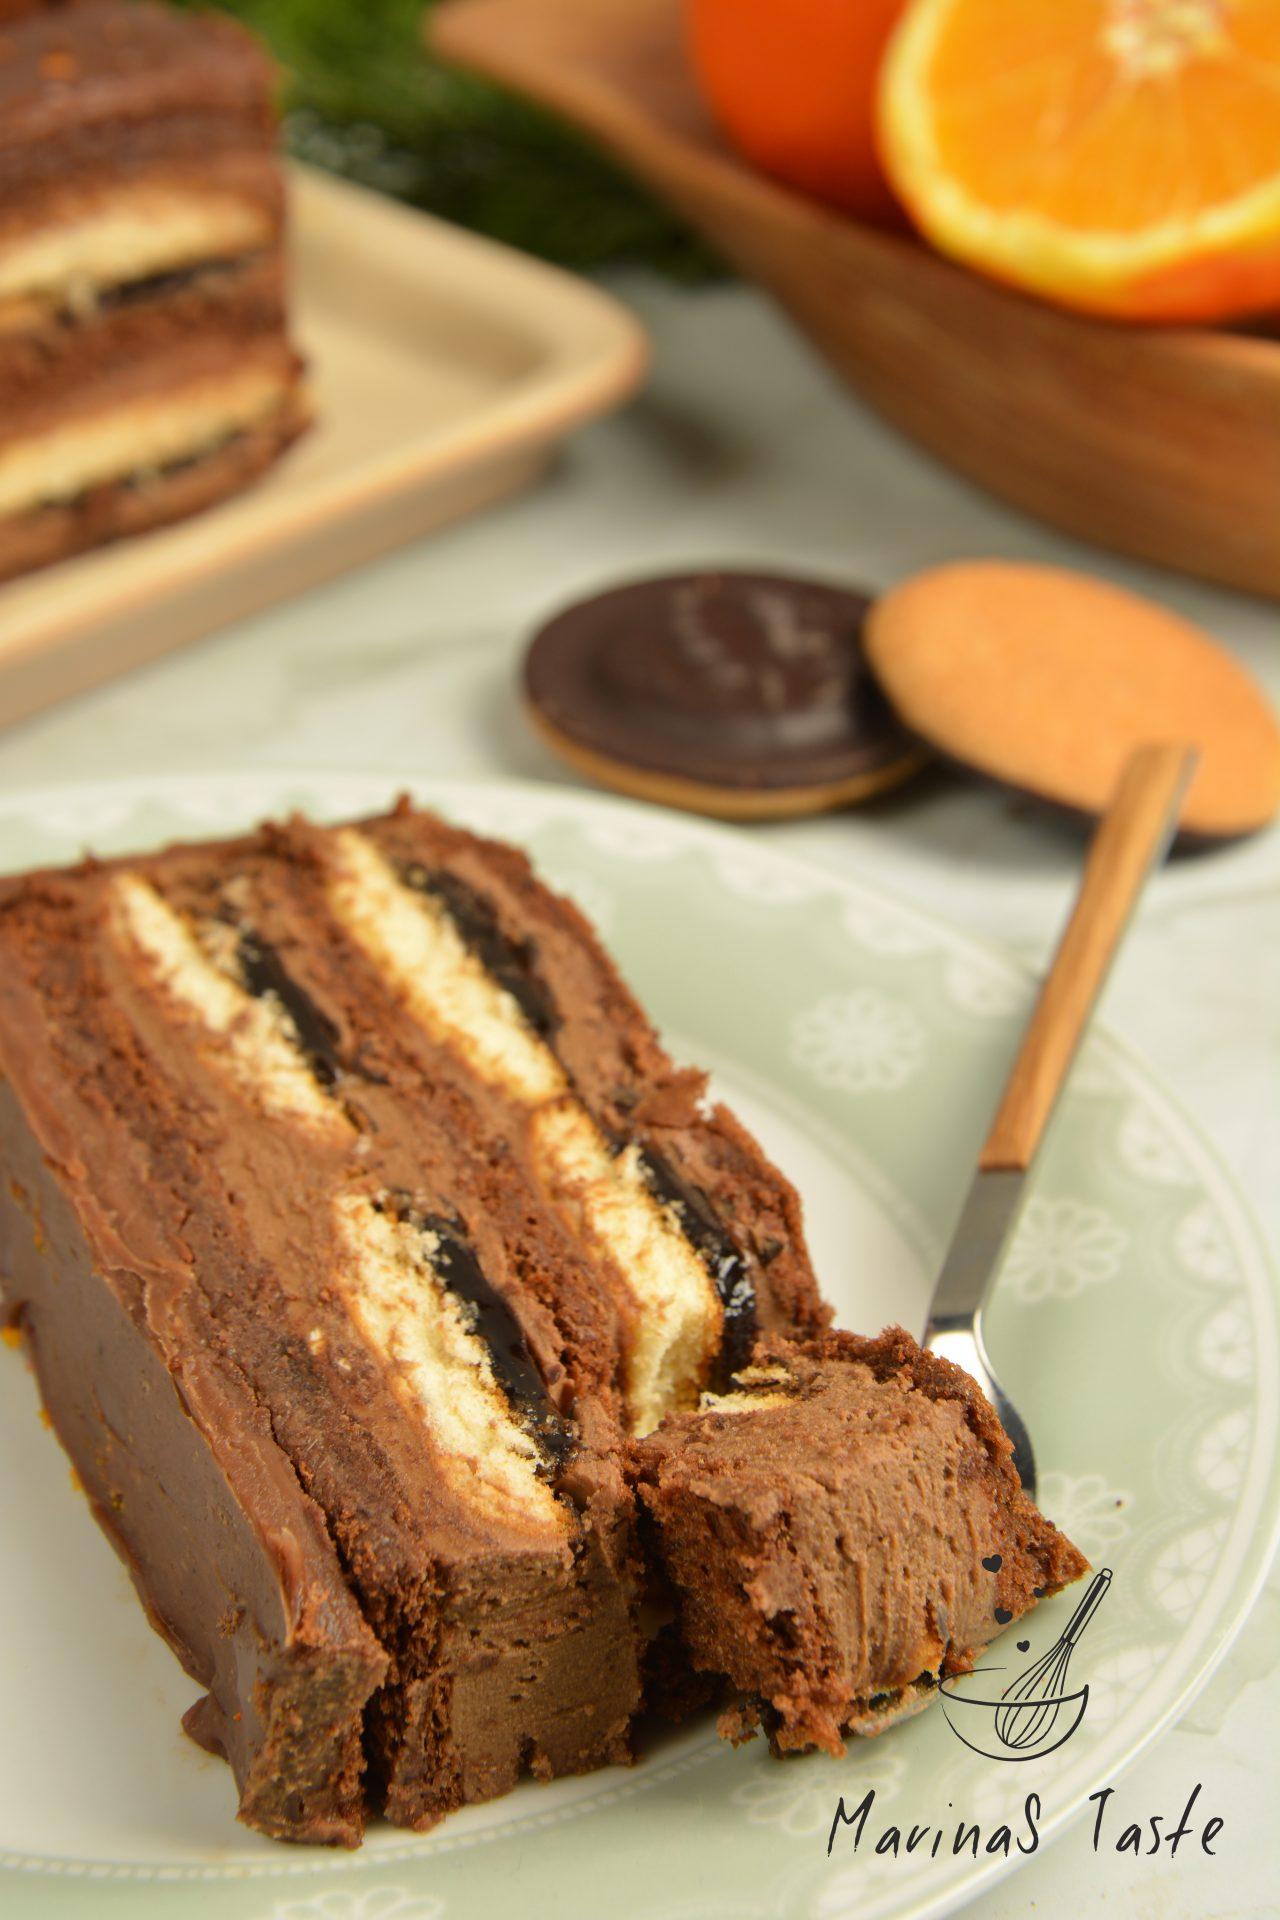 Cokoladna-jaffa-torta-5